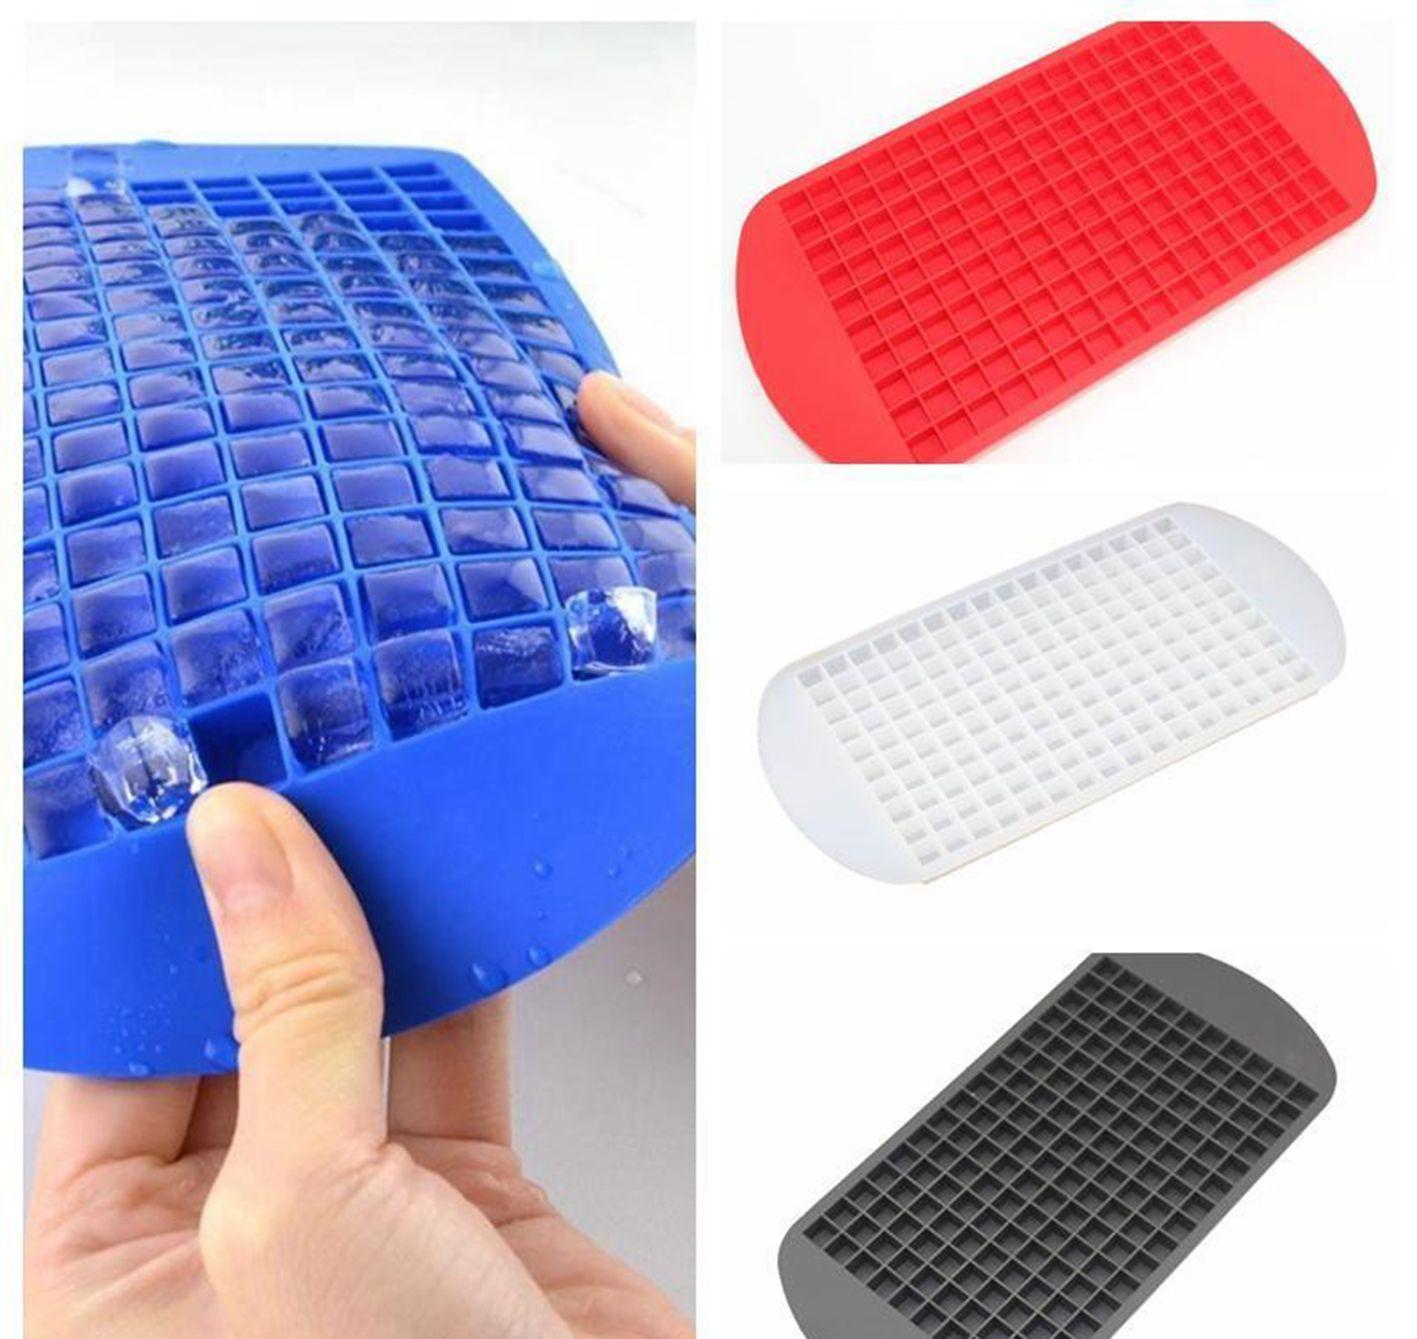 Silicona hielo cubo bandeja mini cubo cubo fabricante de silicona molde de congelación molde de hielo cubo de hielo molde de hielo molde de hielo Herramientas de helado DH0633